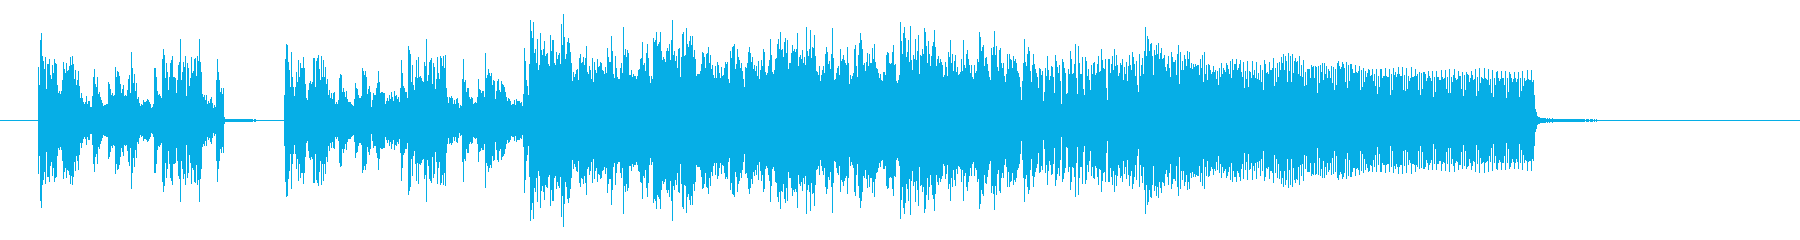 躍動感あるワイルドなエレキジングルの再生済みの波形